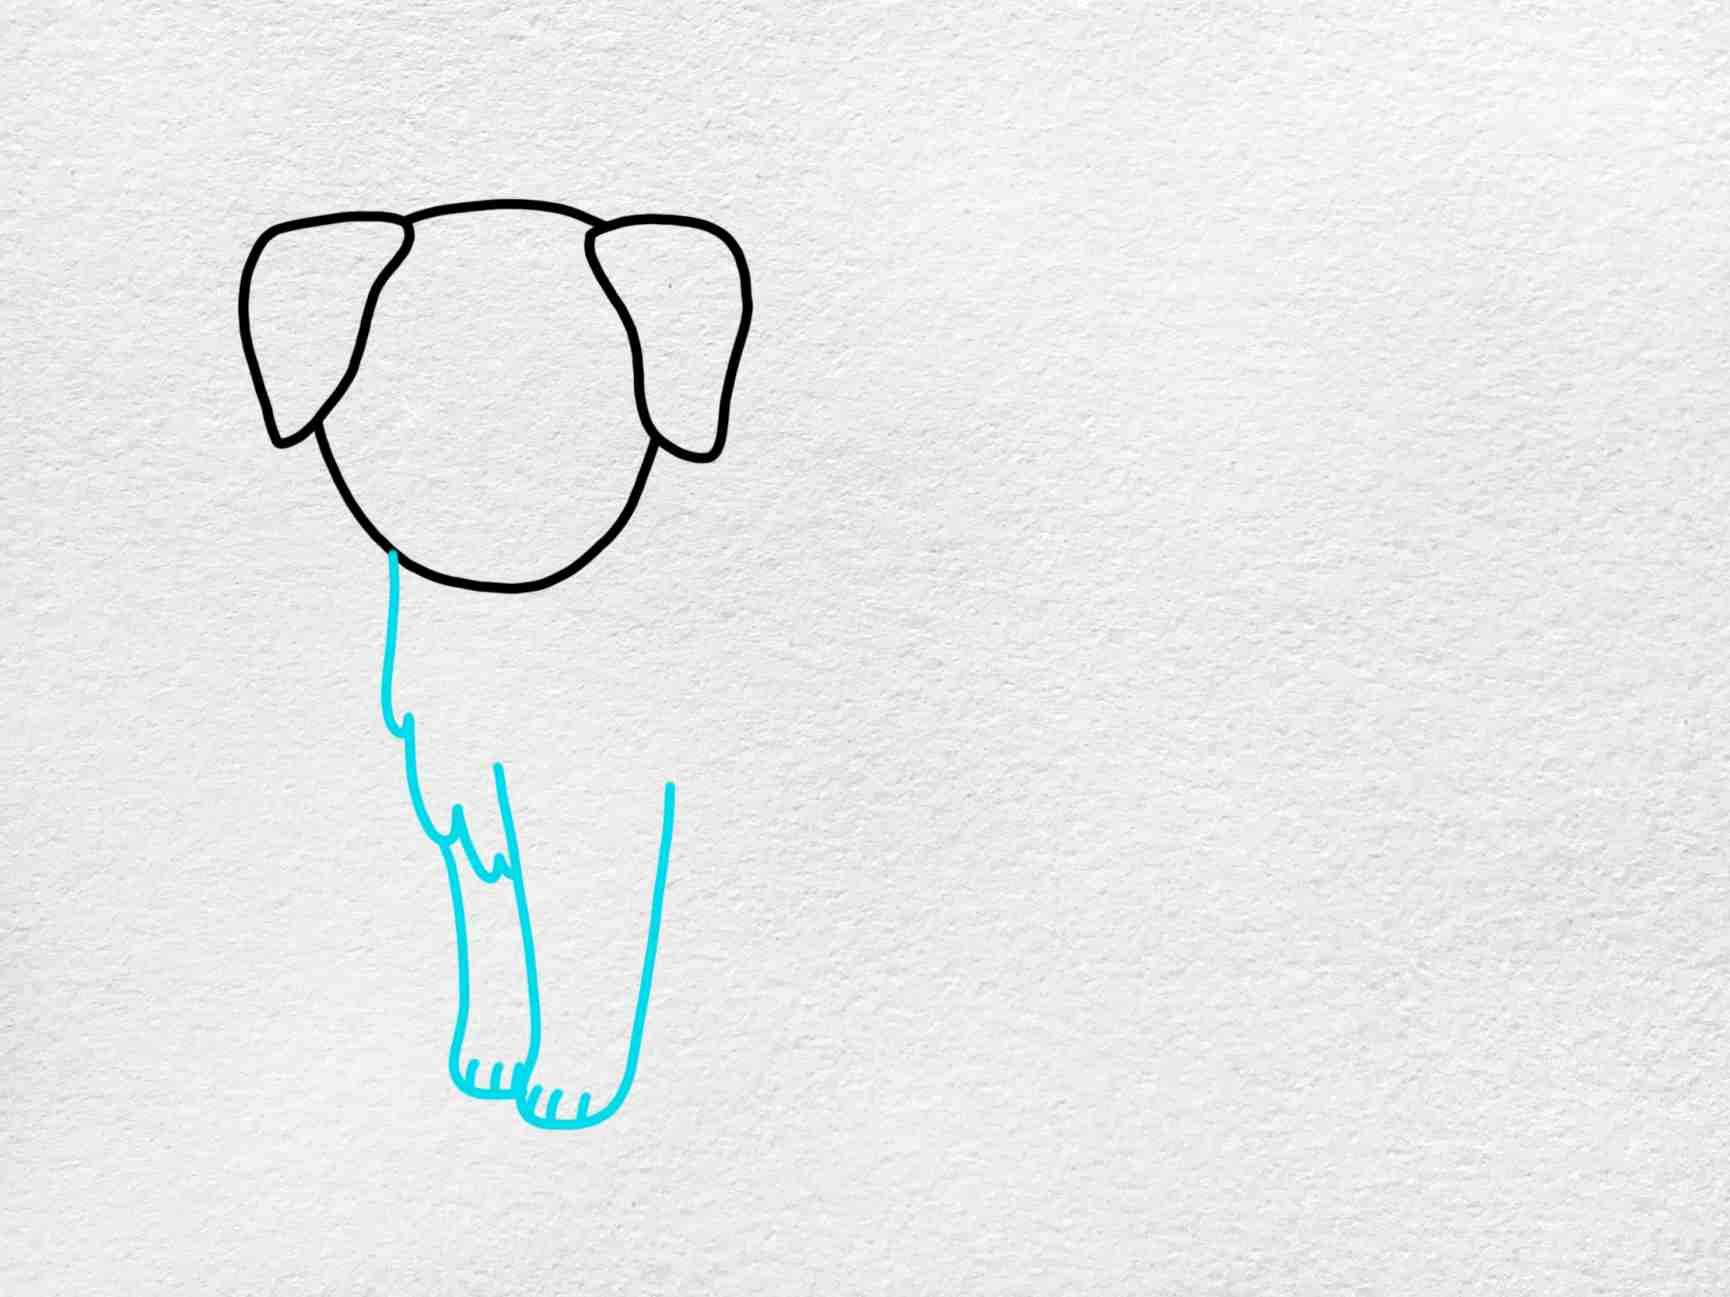 How To Draw A Golden Retriever: Step 3